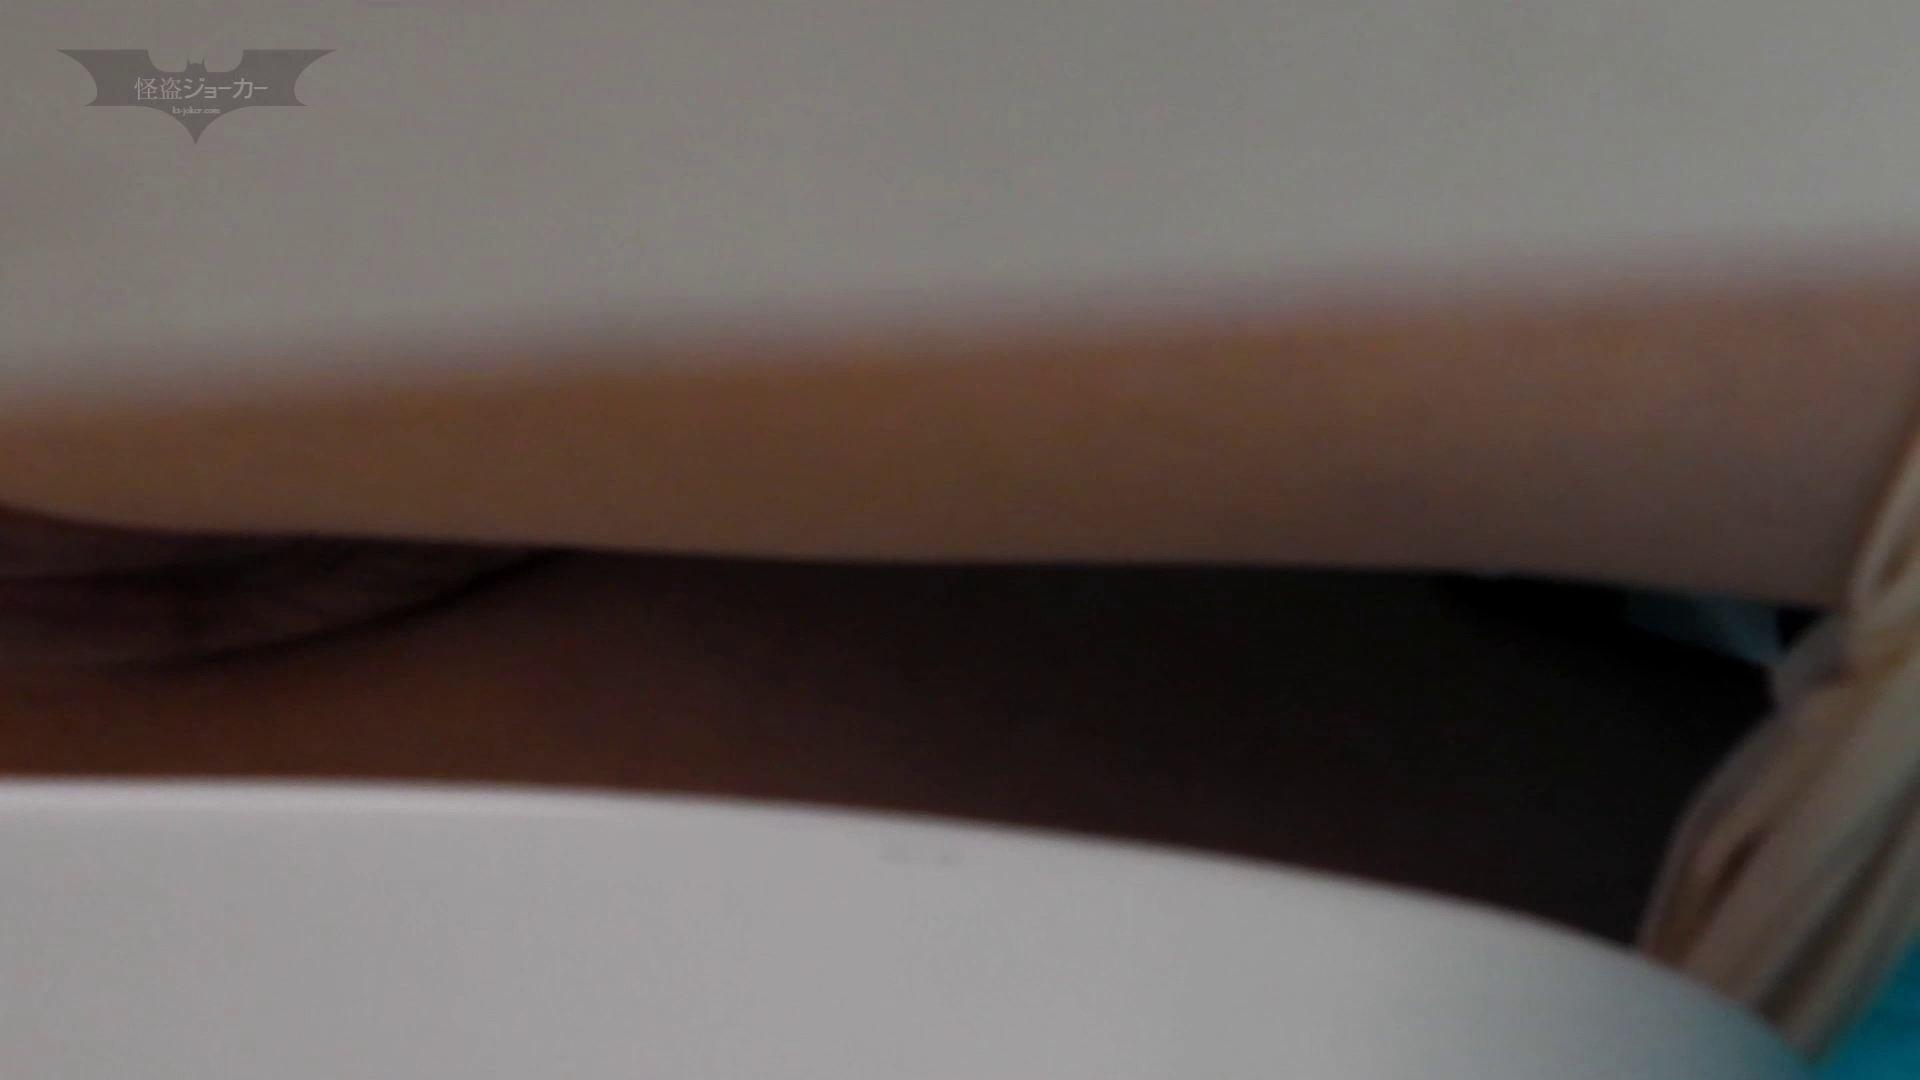 潜入!!台湾名門女学院 Vol.10 進化 洗面所のぞき おまんこ動画流出 89枚 86